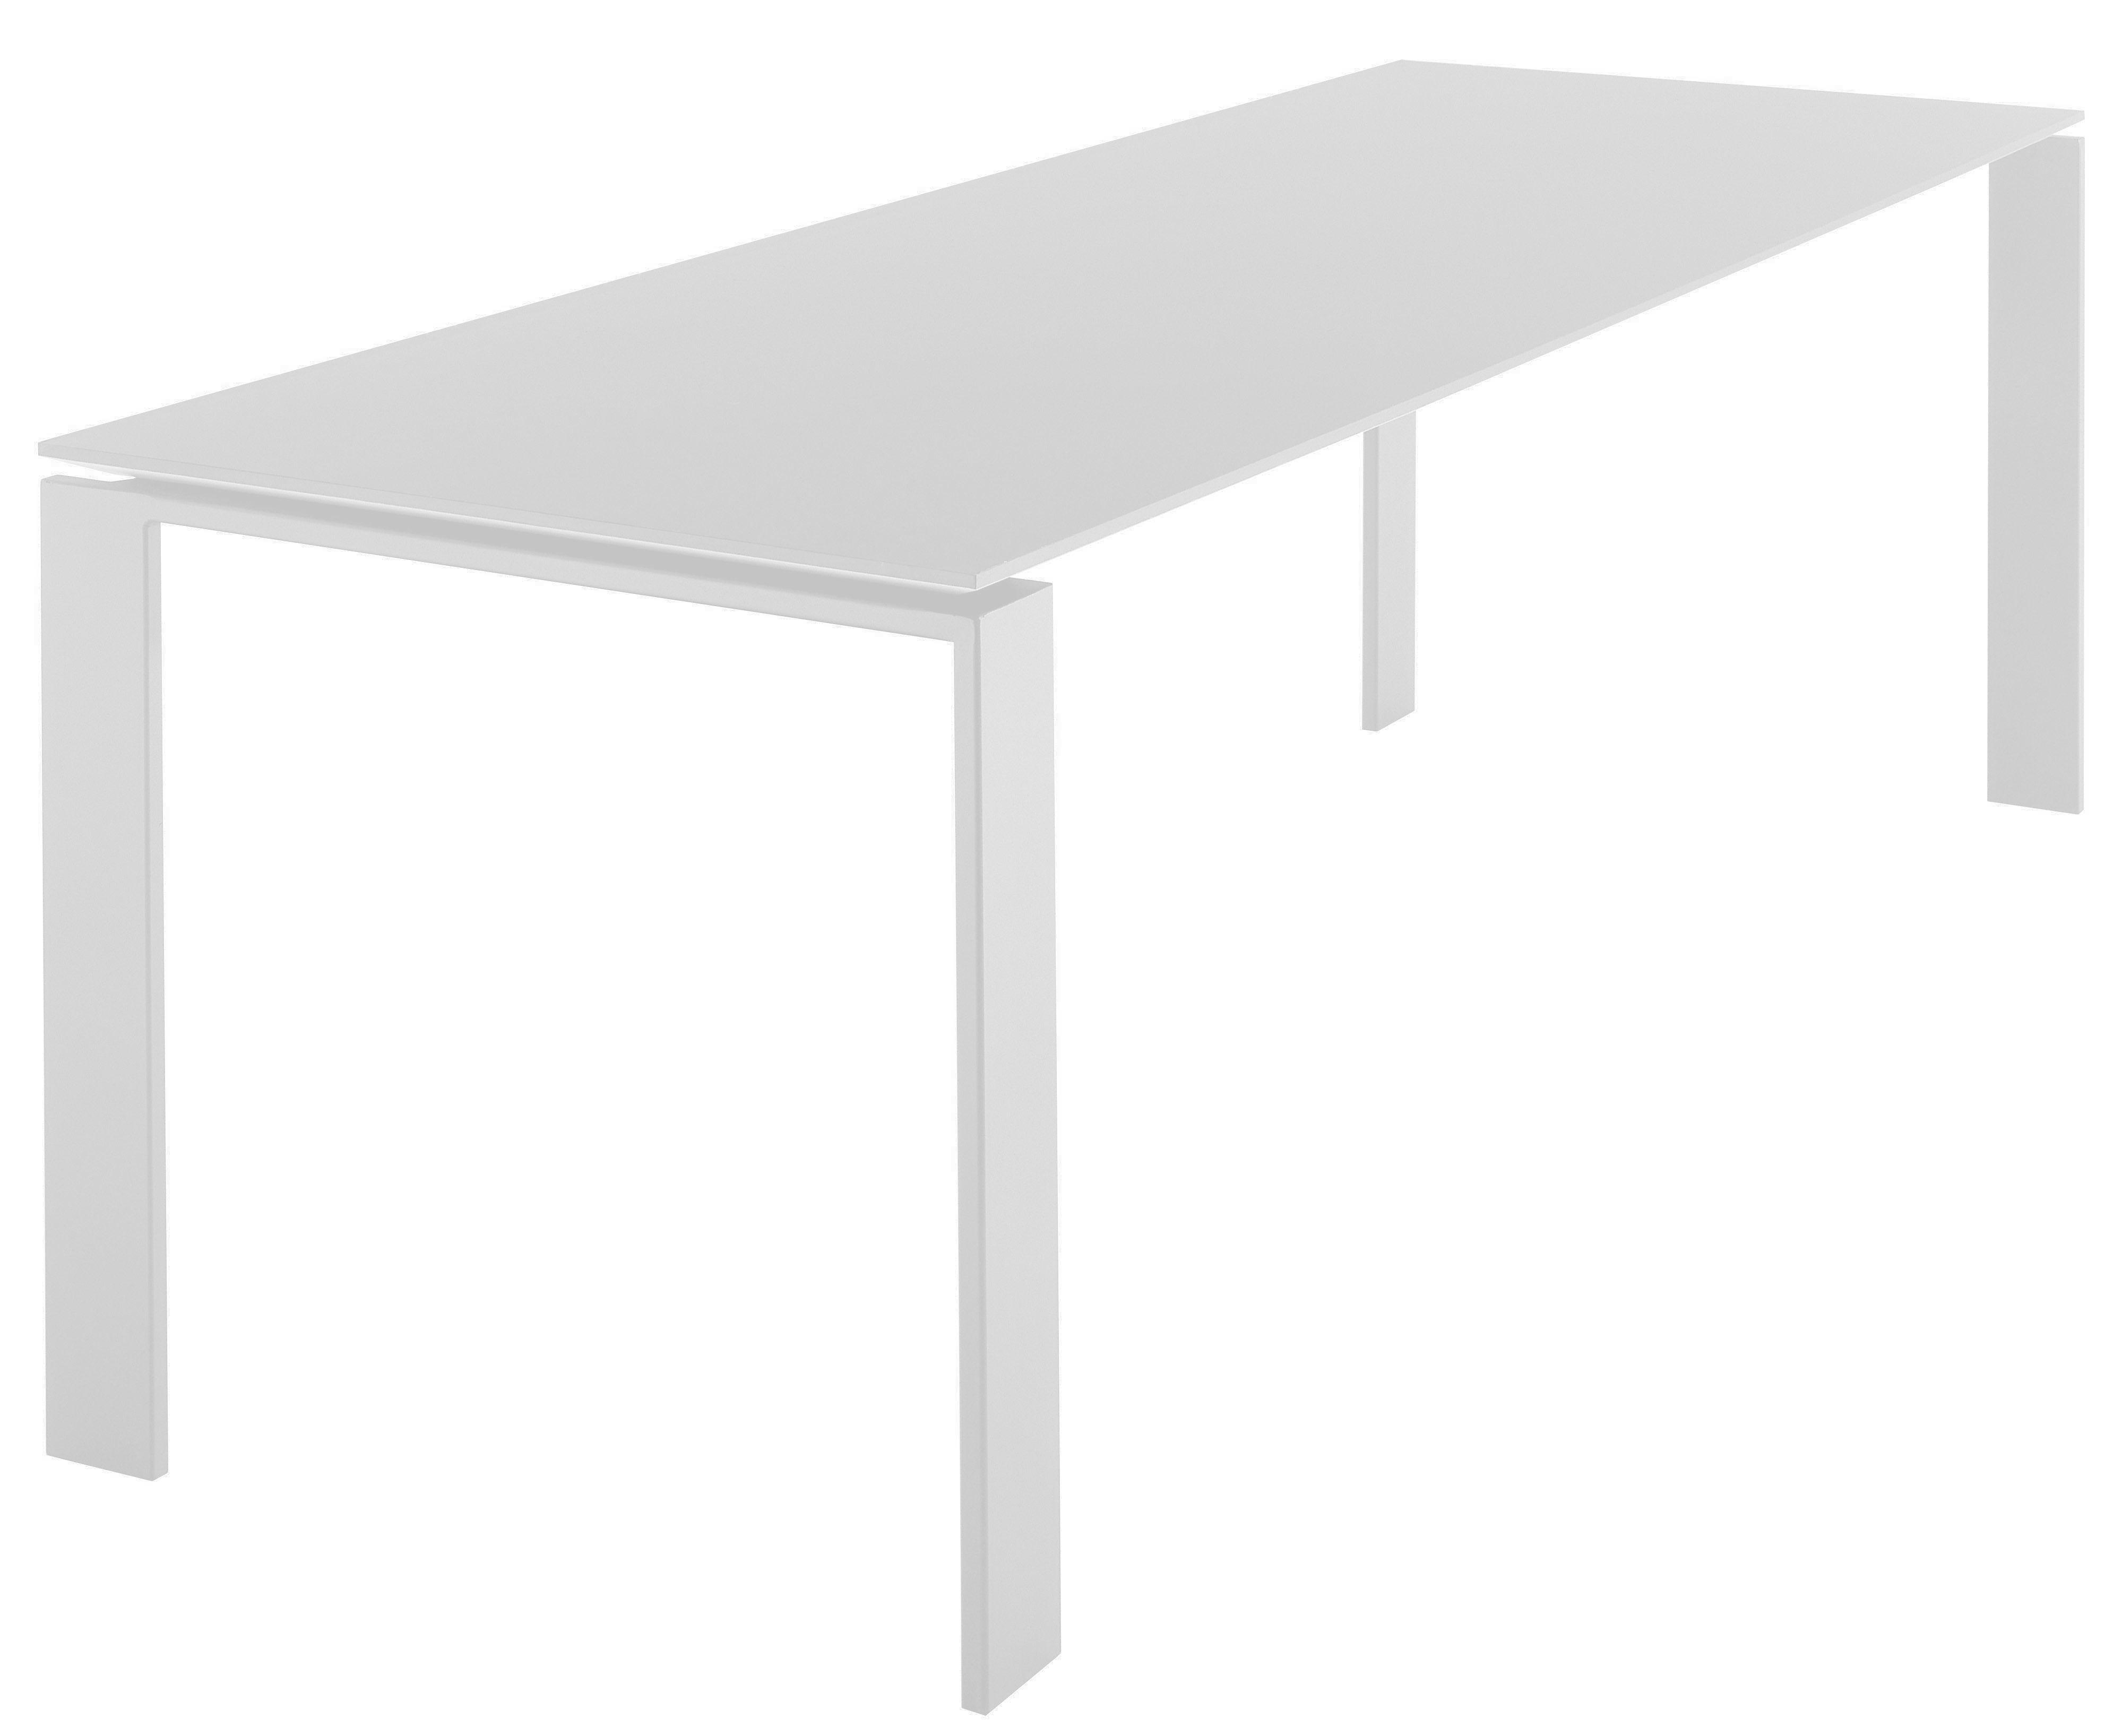 Mobilier - Tables - Table rectangulaire Four / L 158 cm - Kartell - Blanc - Acier verni, Laminé